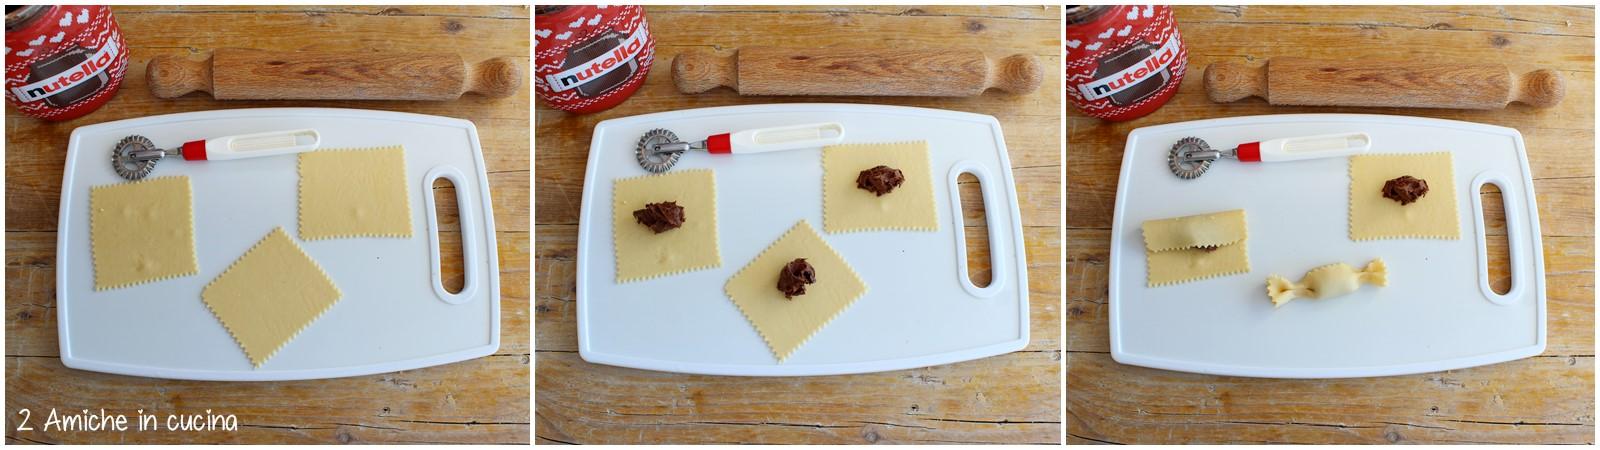 Come preparare le caramella alla Nutella fritte